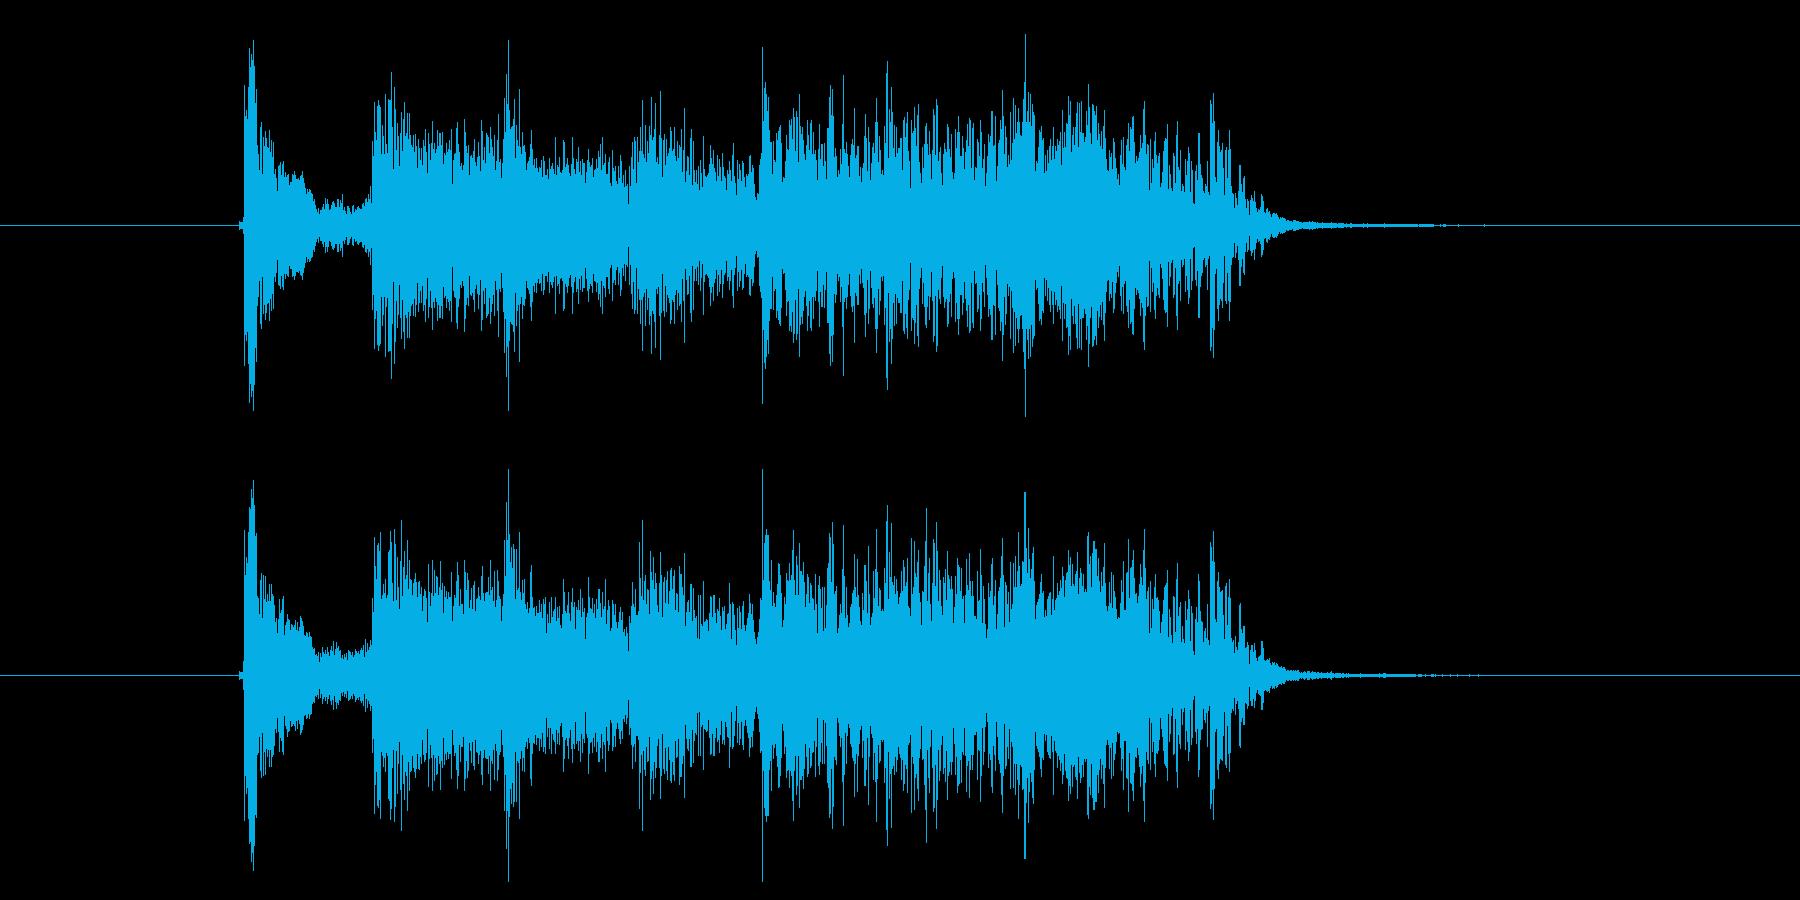 ノリノリで楽しいイメージの効果音の再生済みの波形